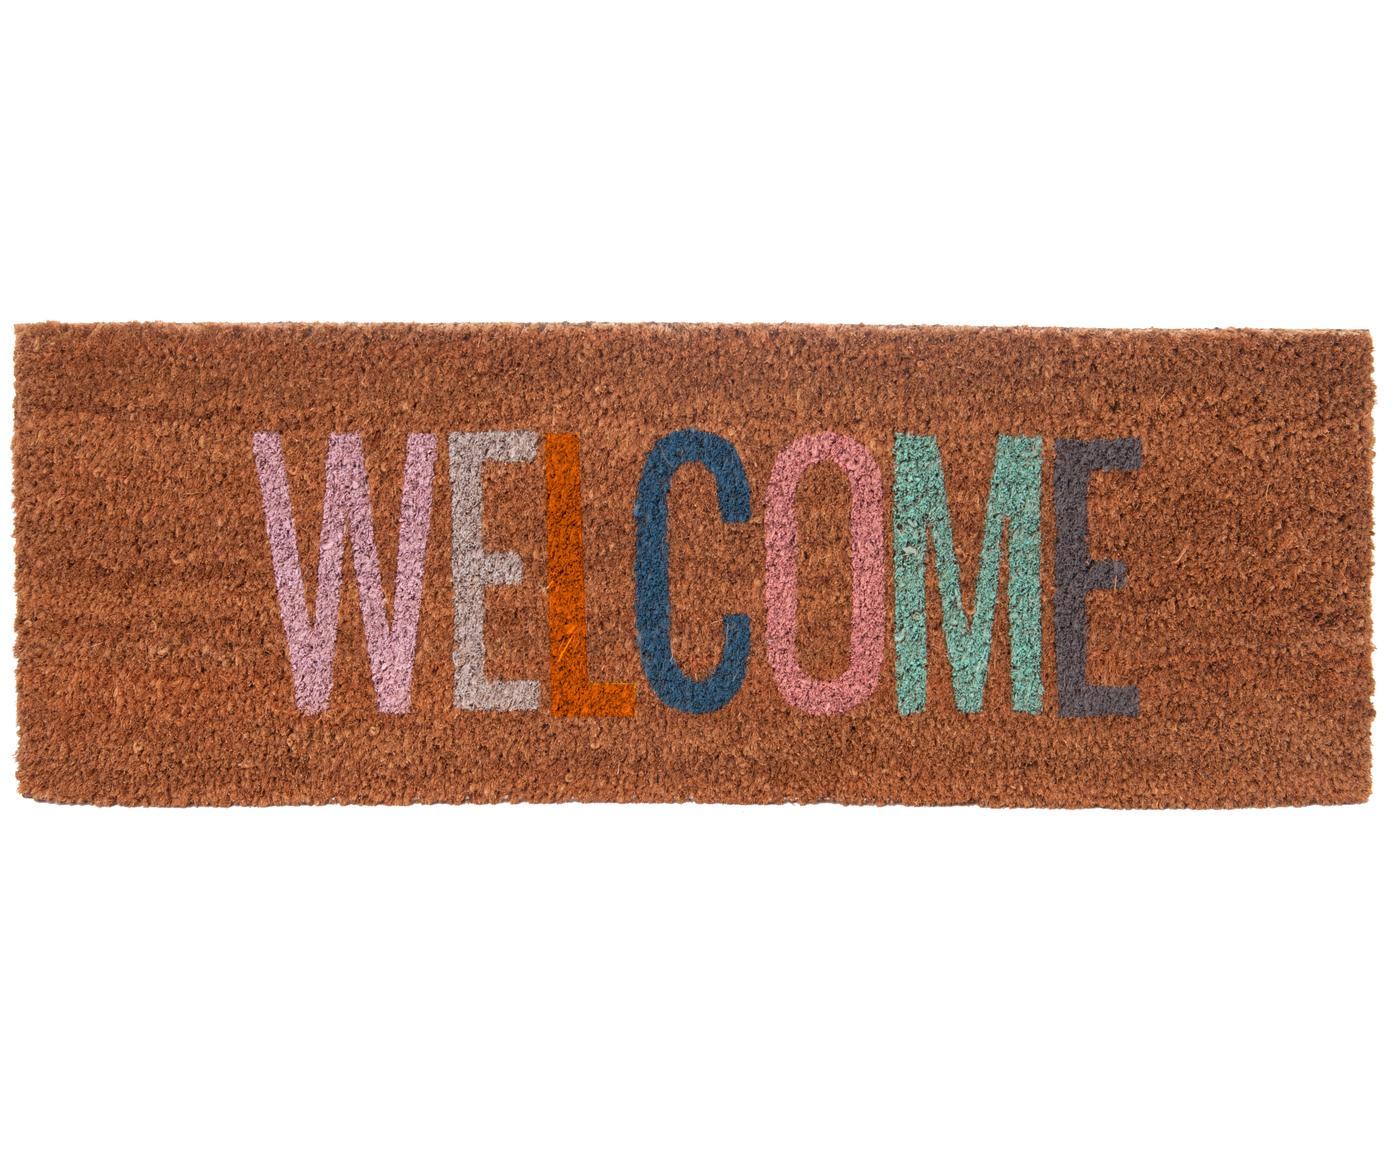 Schmale Fußmatte Welcome, Kokosfasern, Braun, 26 x 77 cm